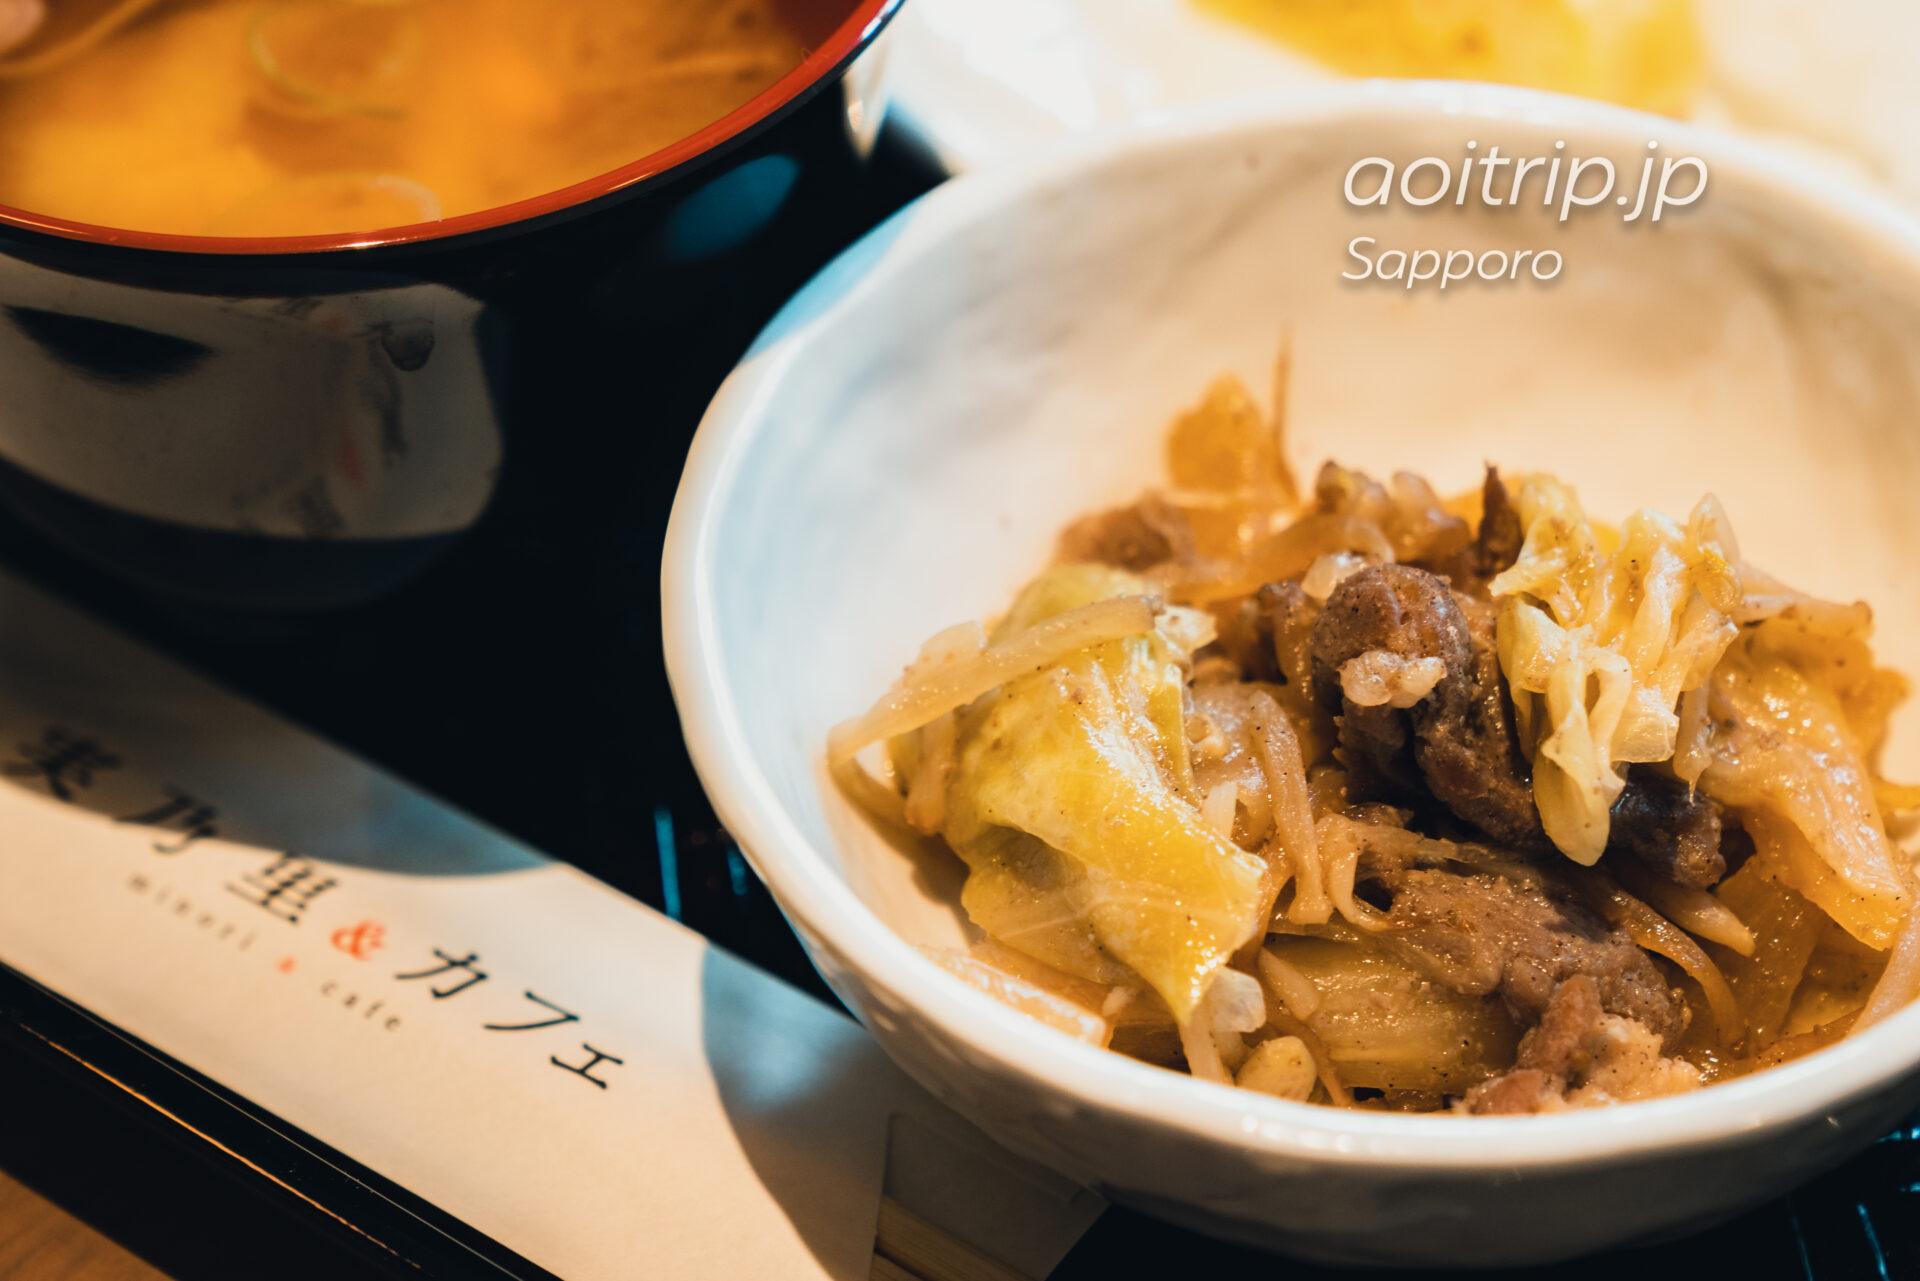 札幌グランドホテルの朝食 名寄の煮込みジンギスカン